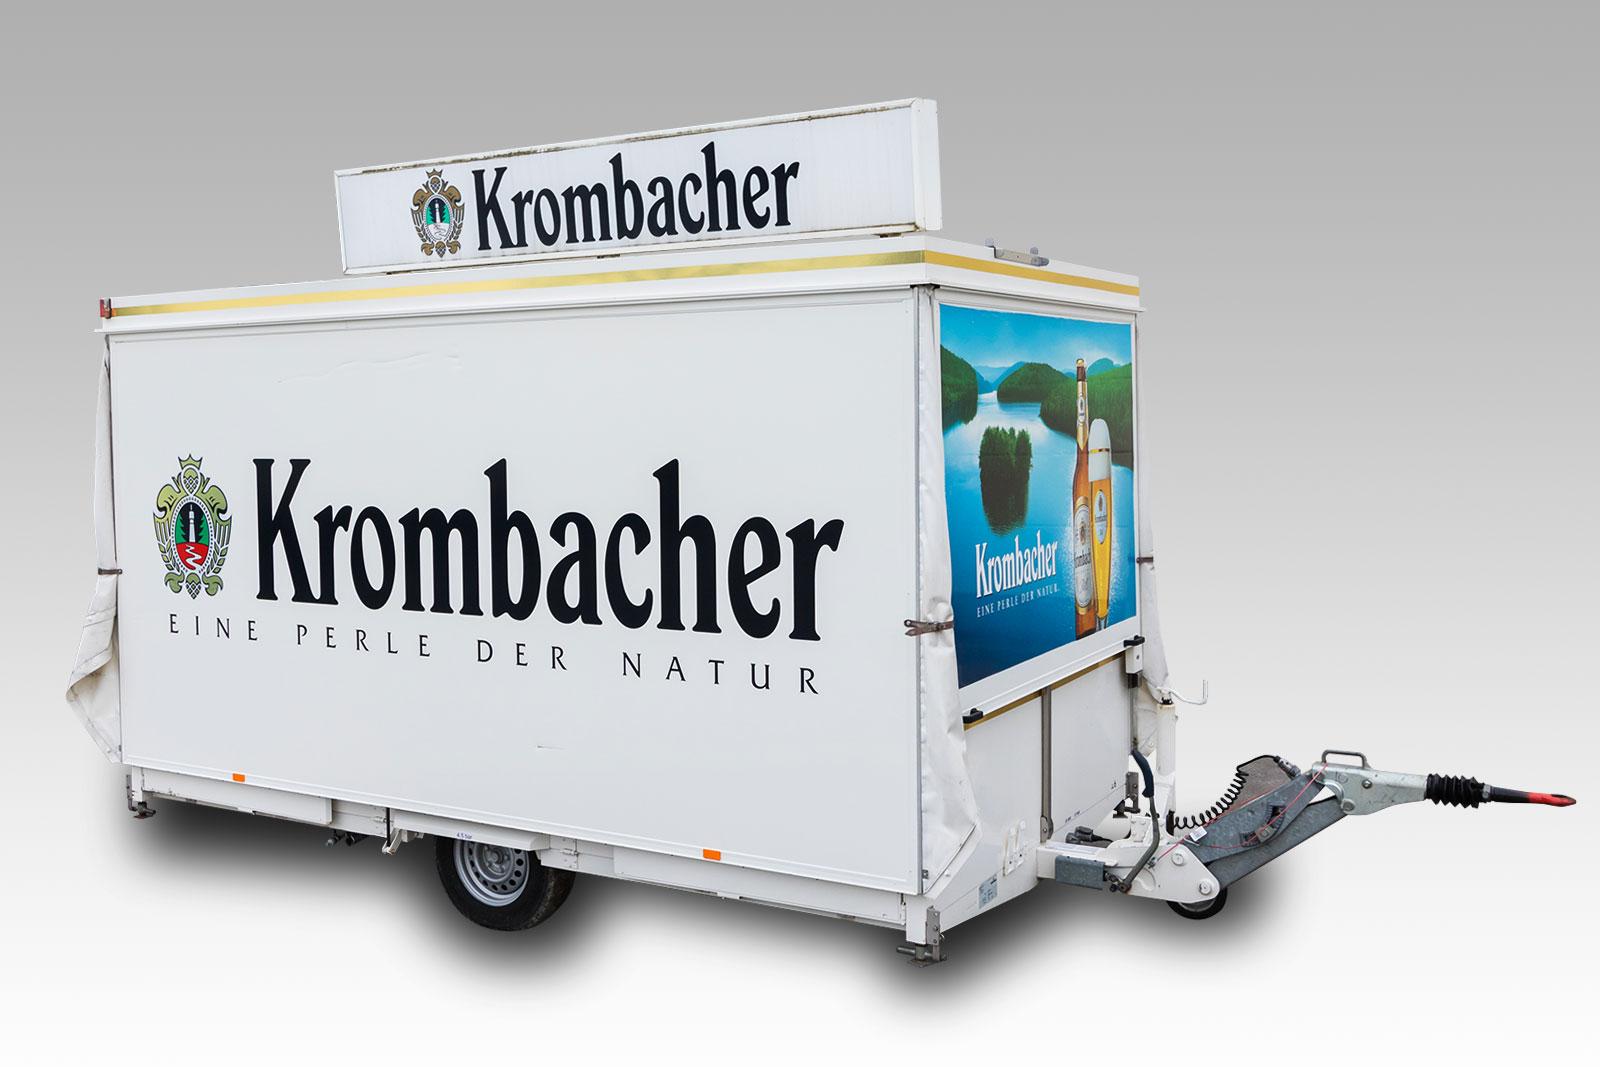 Krombacher BP-12 Bild 02